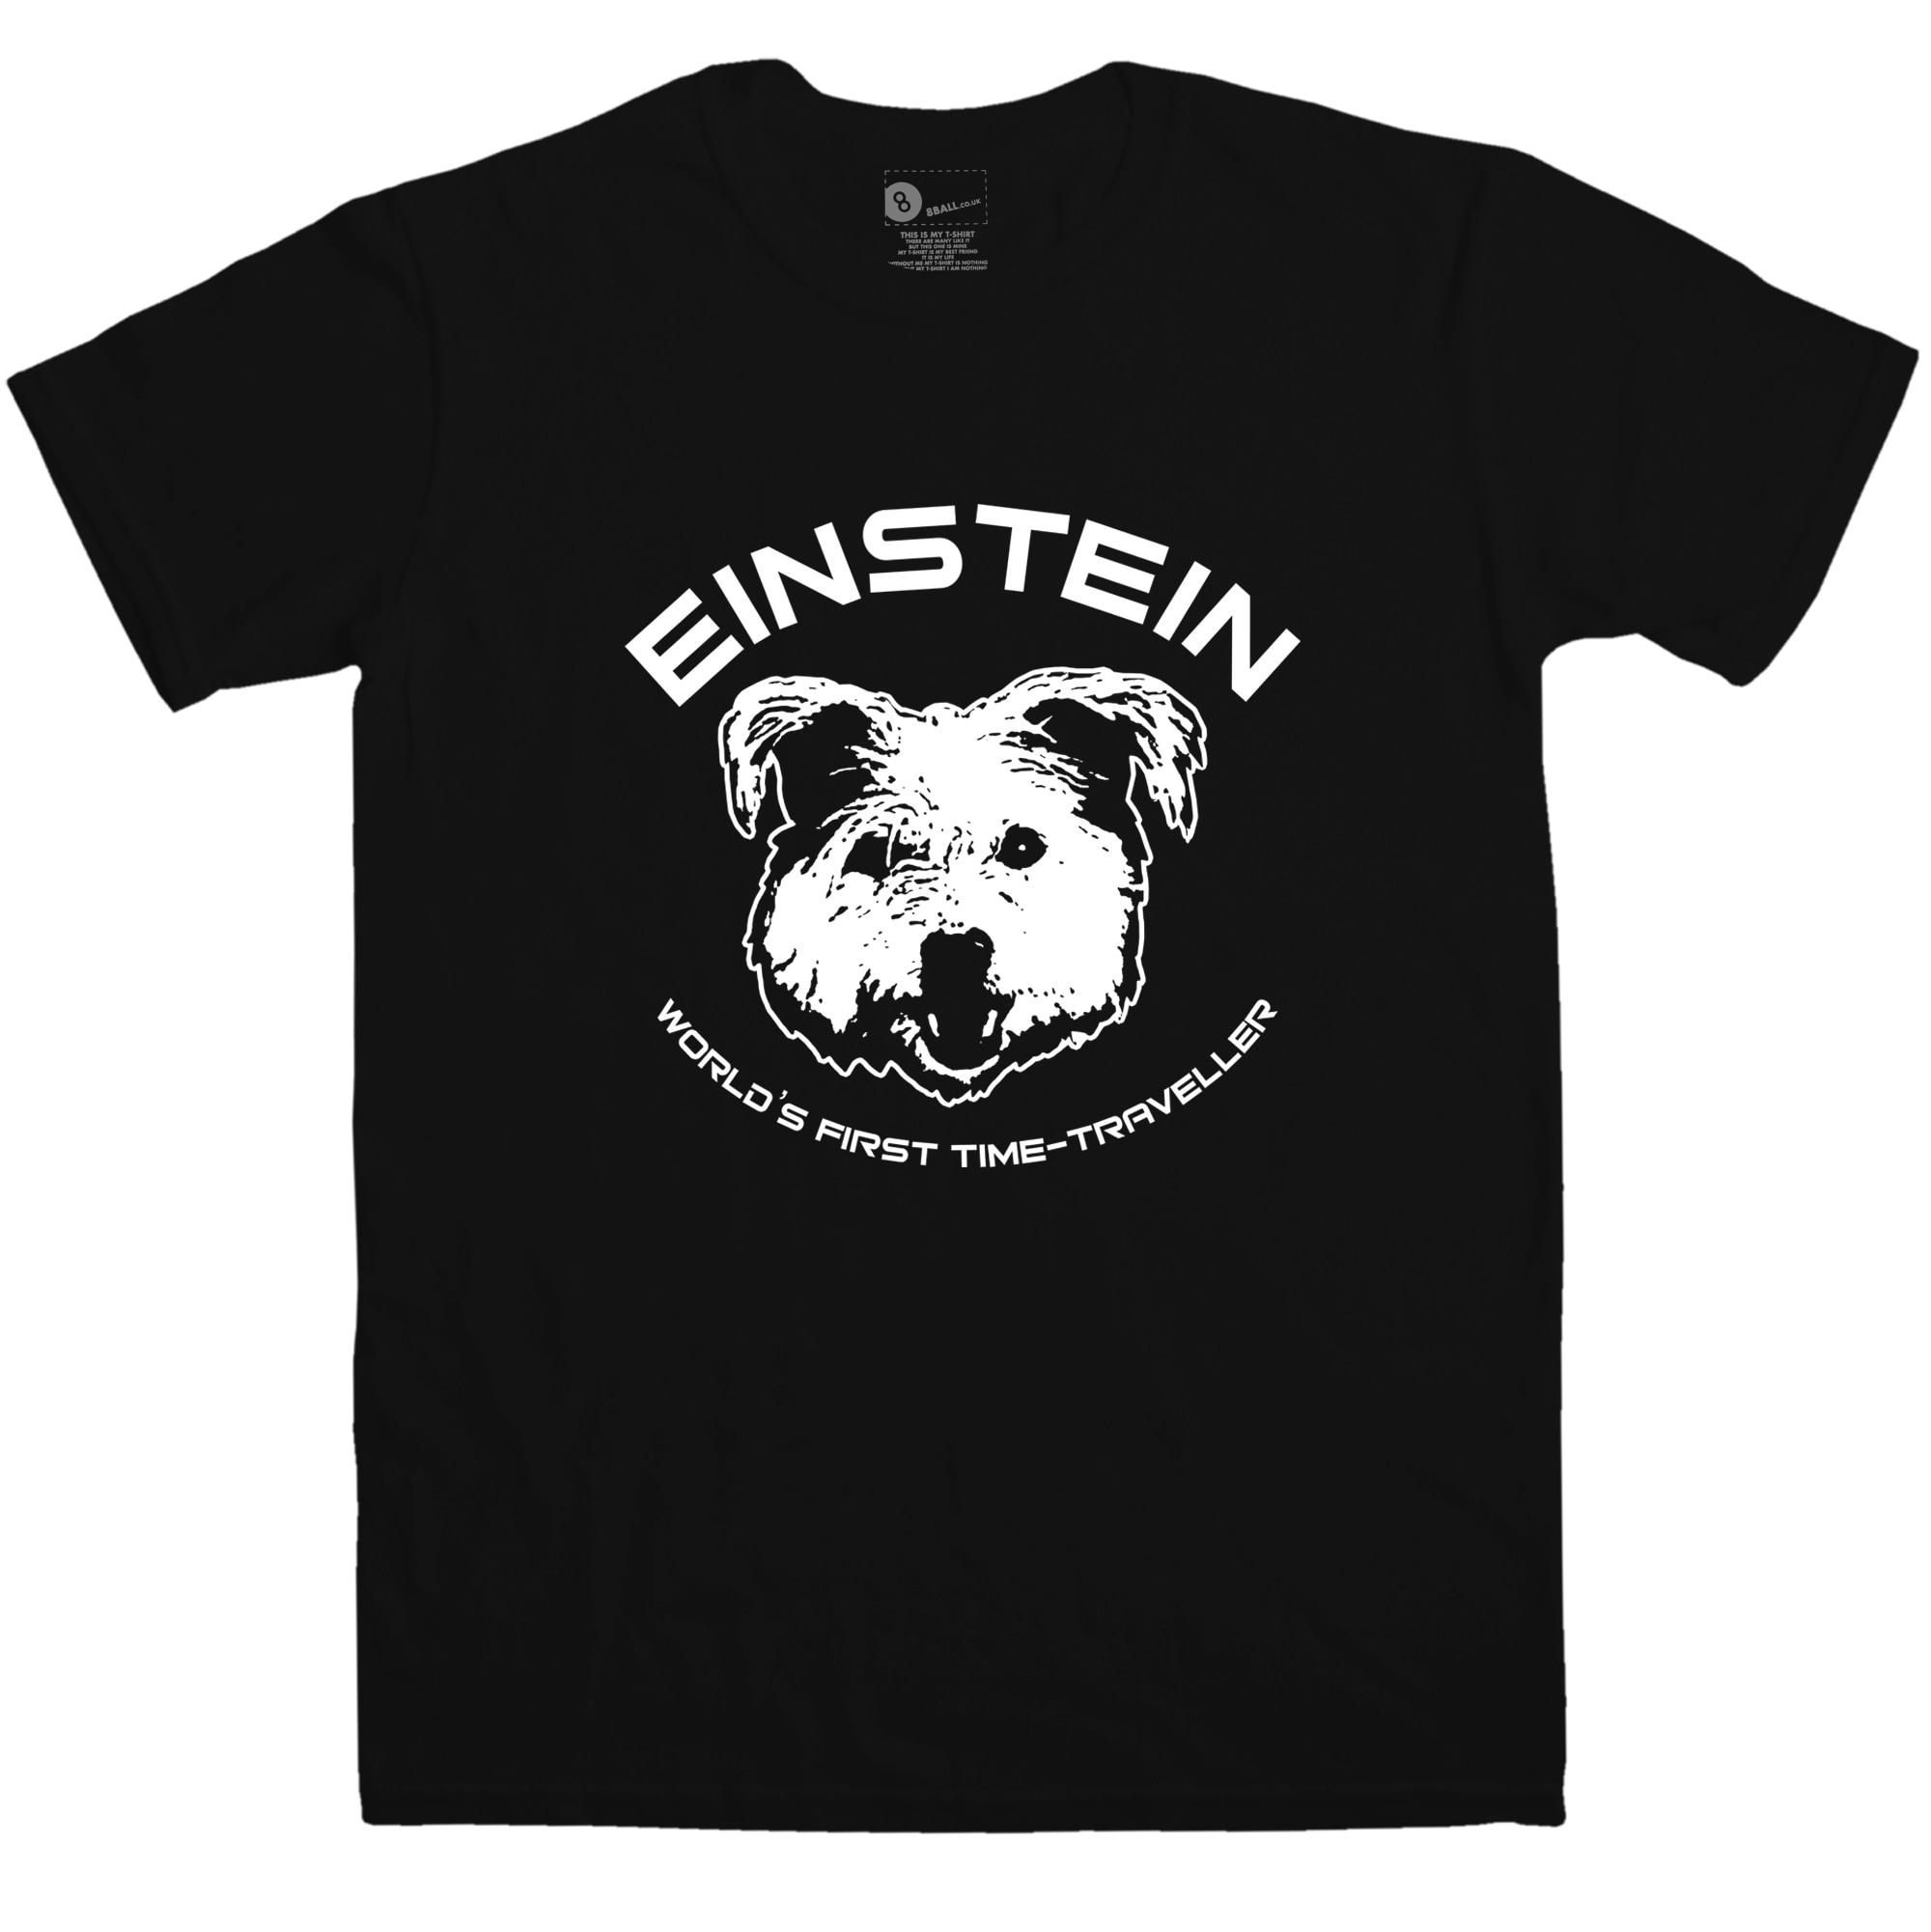 Новый человек футболки короткий рукав мужская футболка Эйнштейн первый раз Traveller